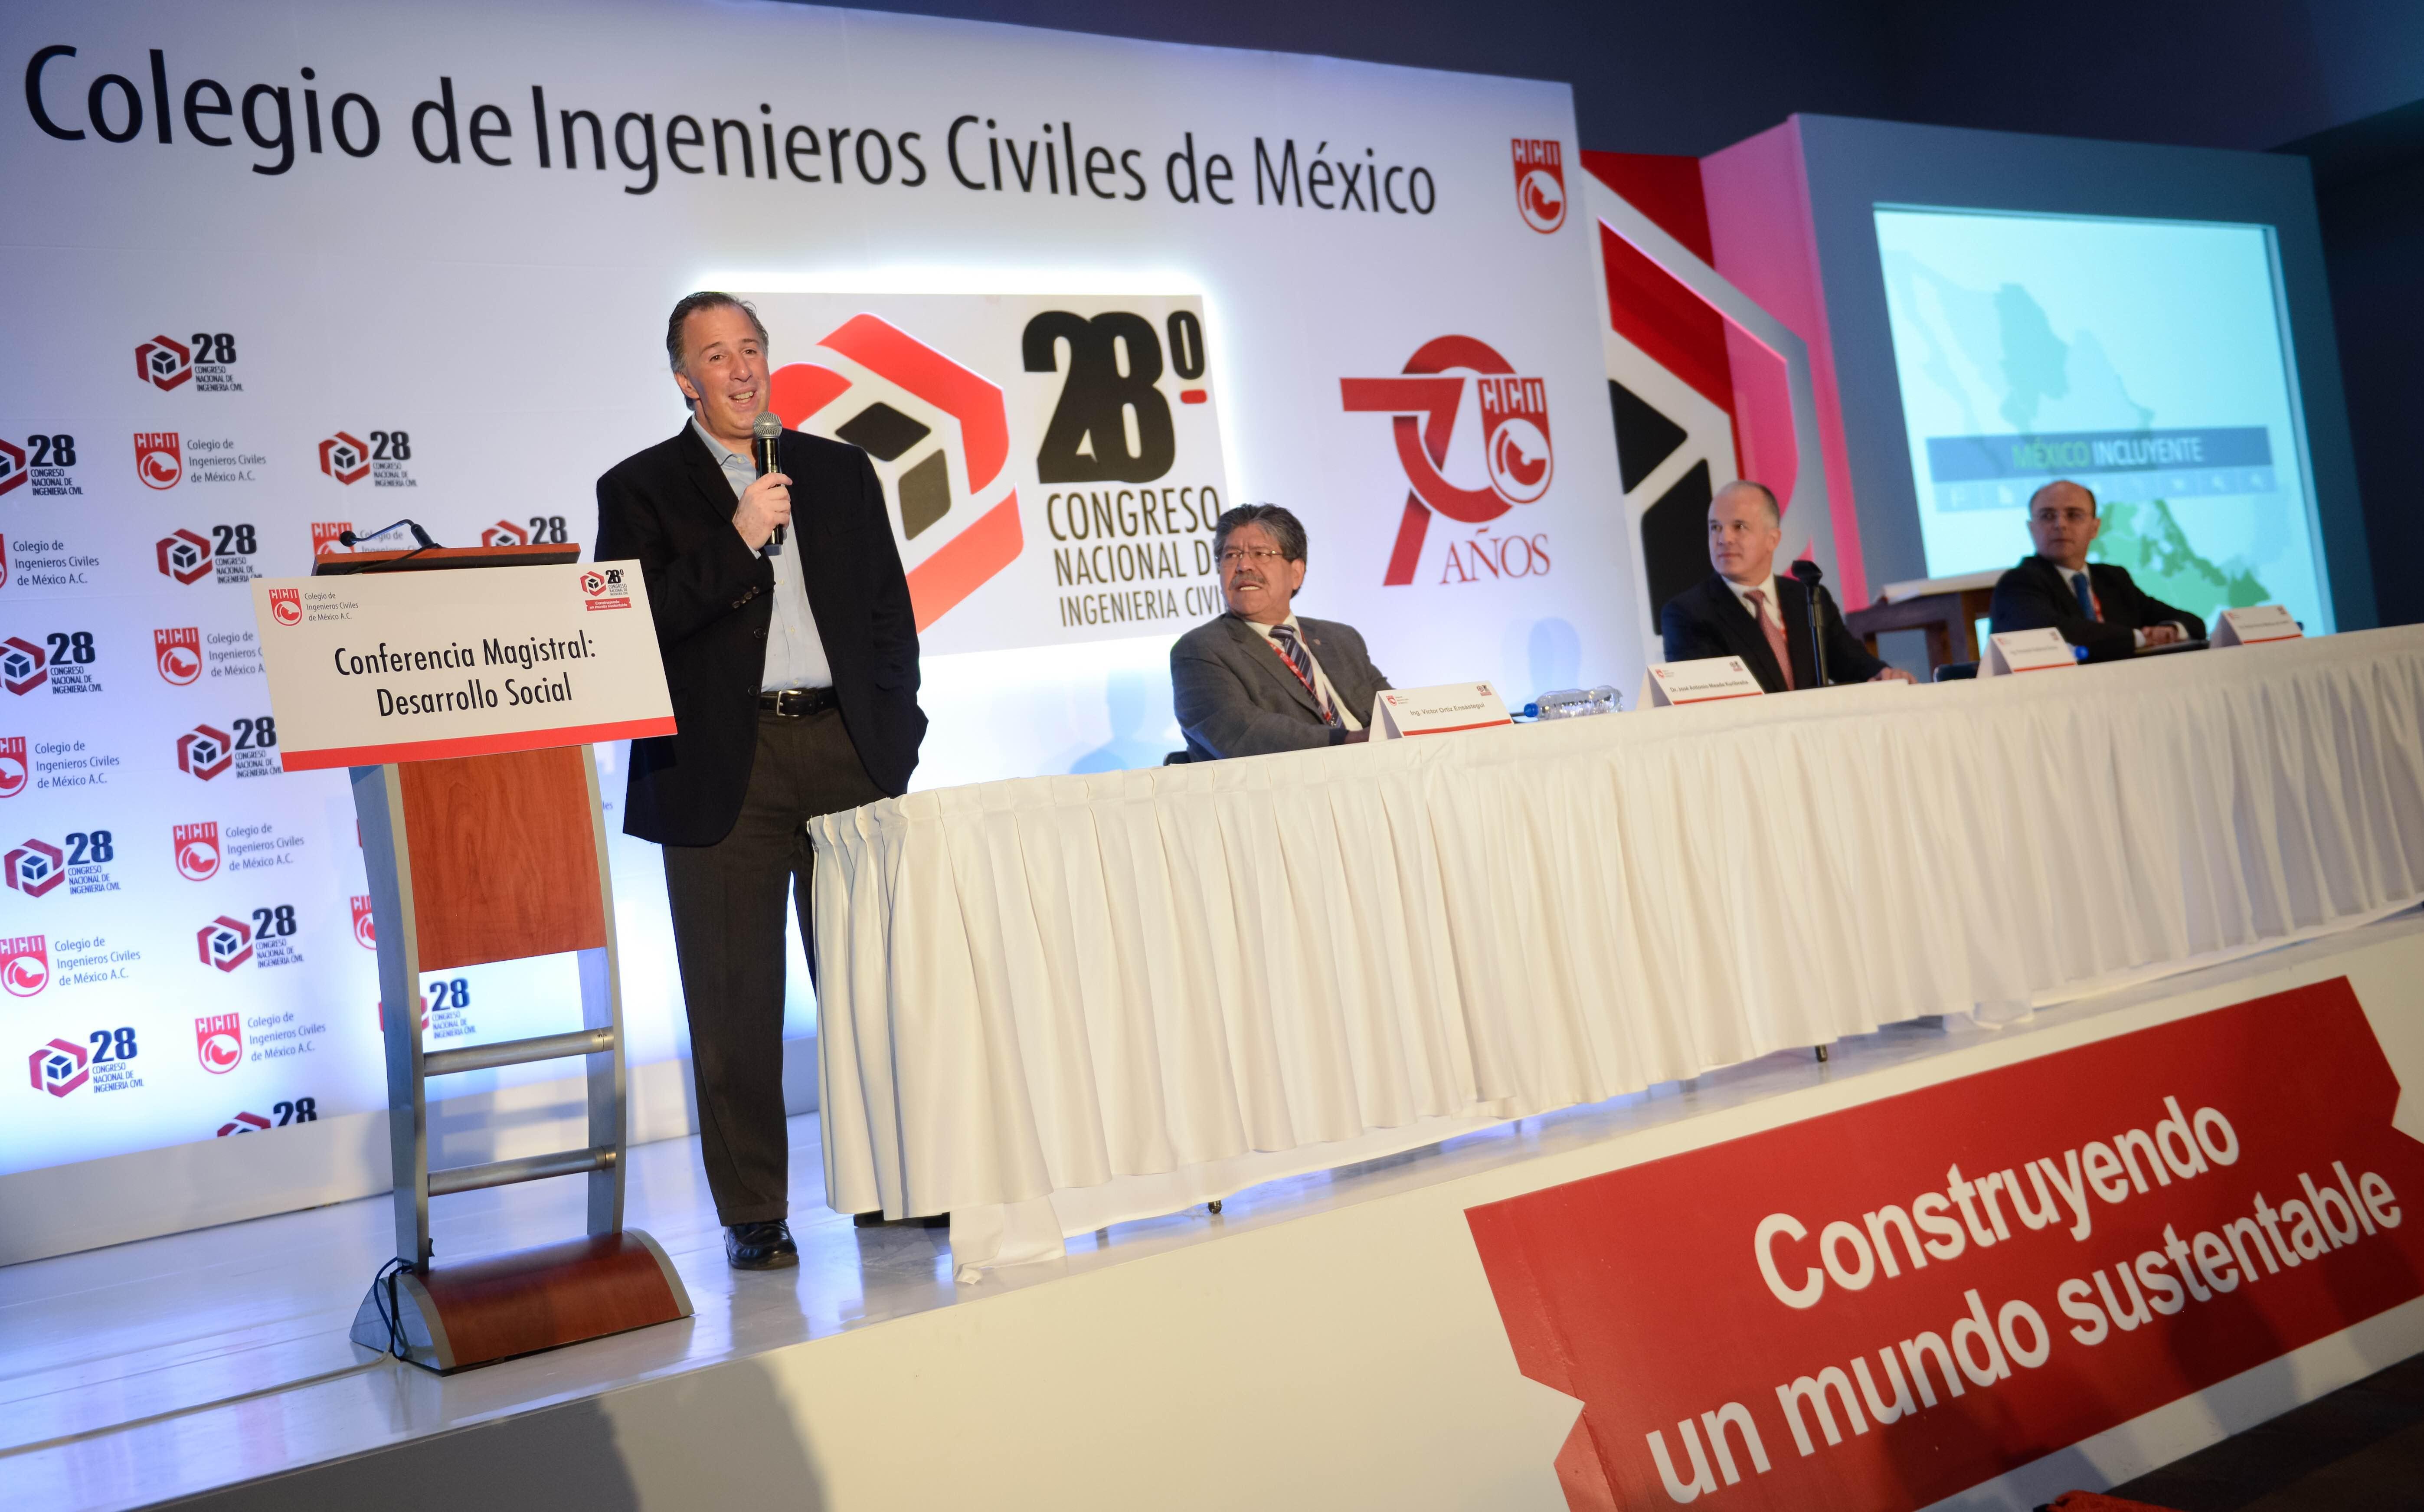 El secretario de Desarrollo Social, José Antonio Meade Kuribreña, otorgó entrevista al término del 28° Congreso Nacional de Ingeniería Civil